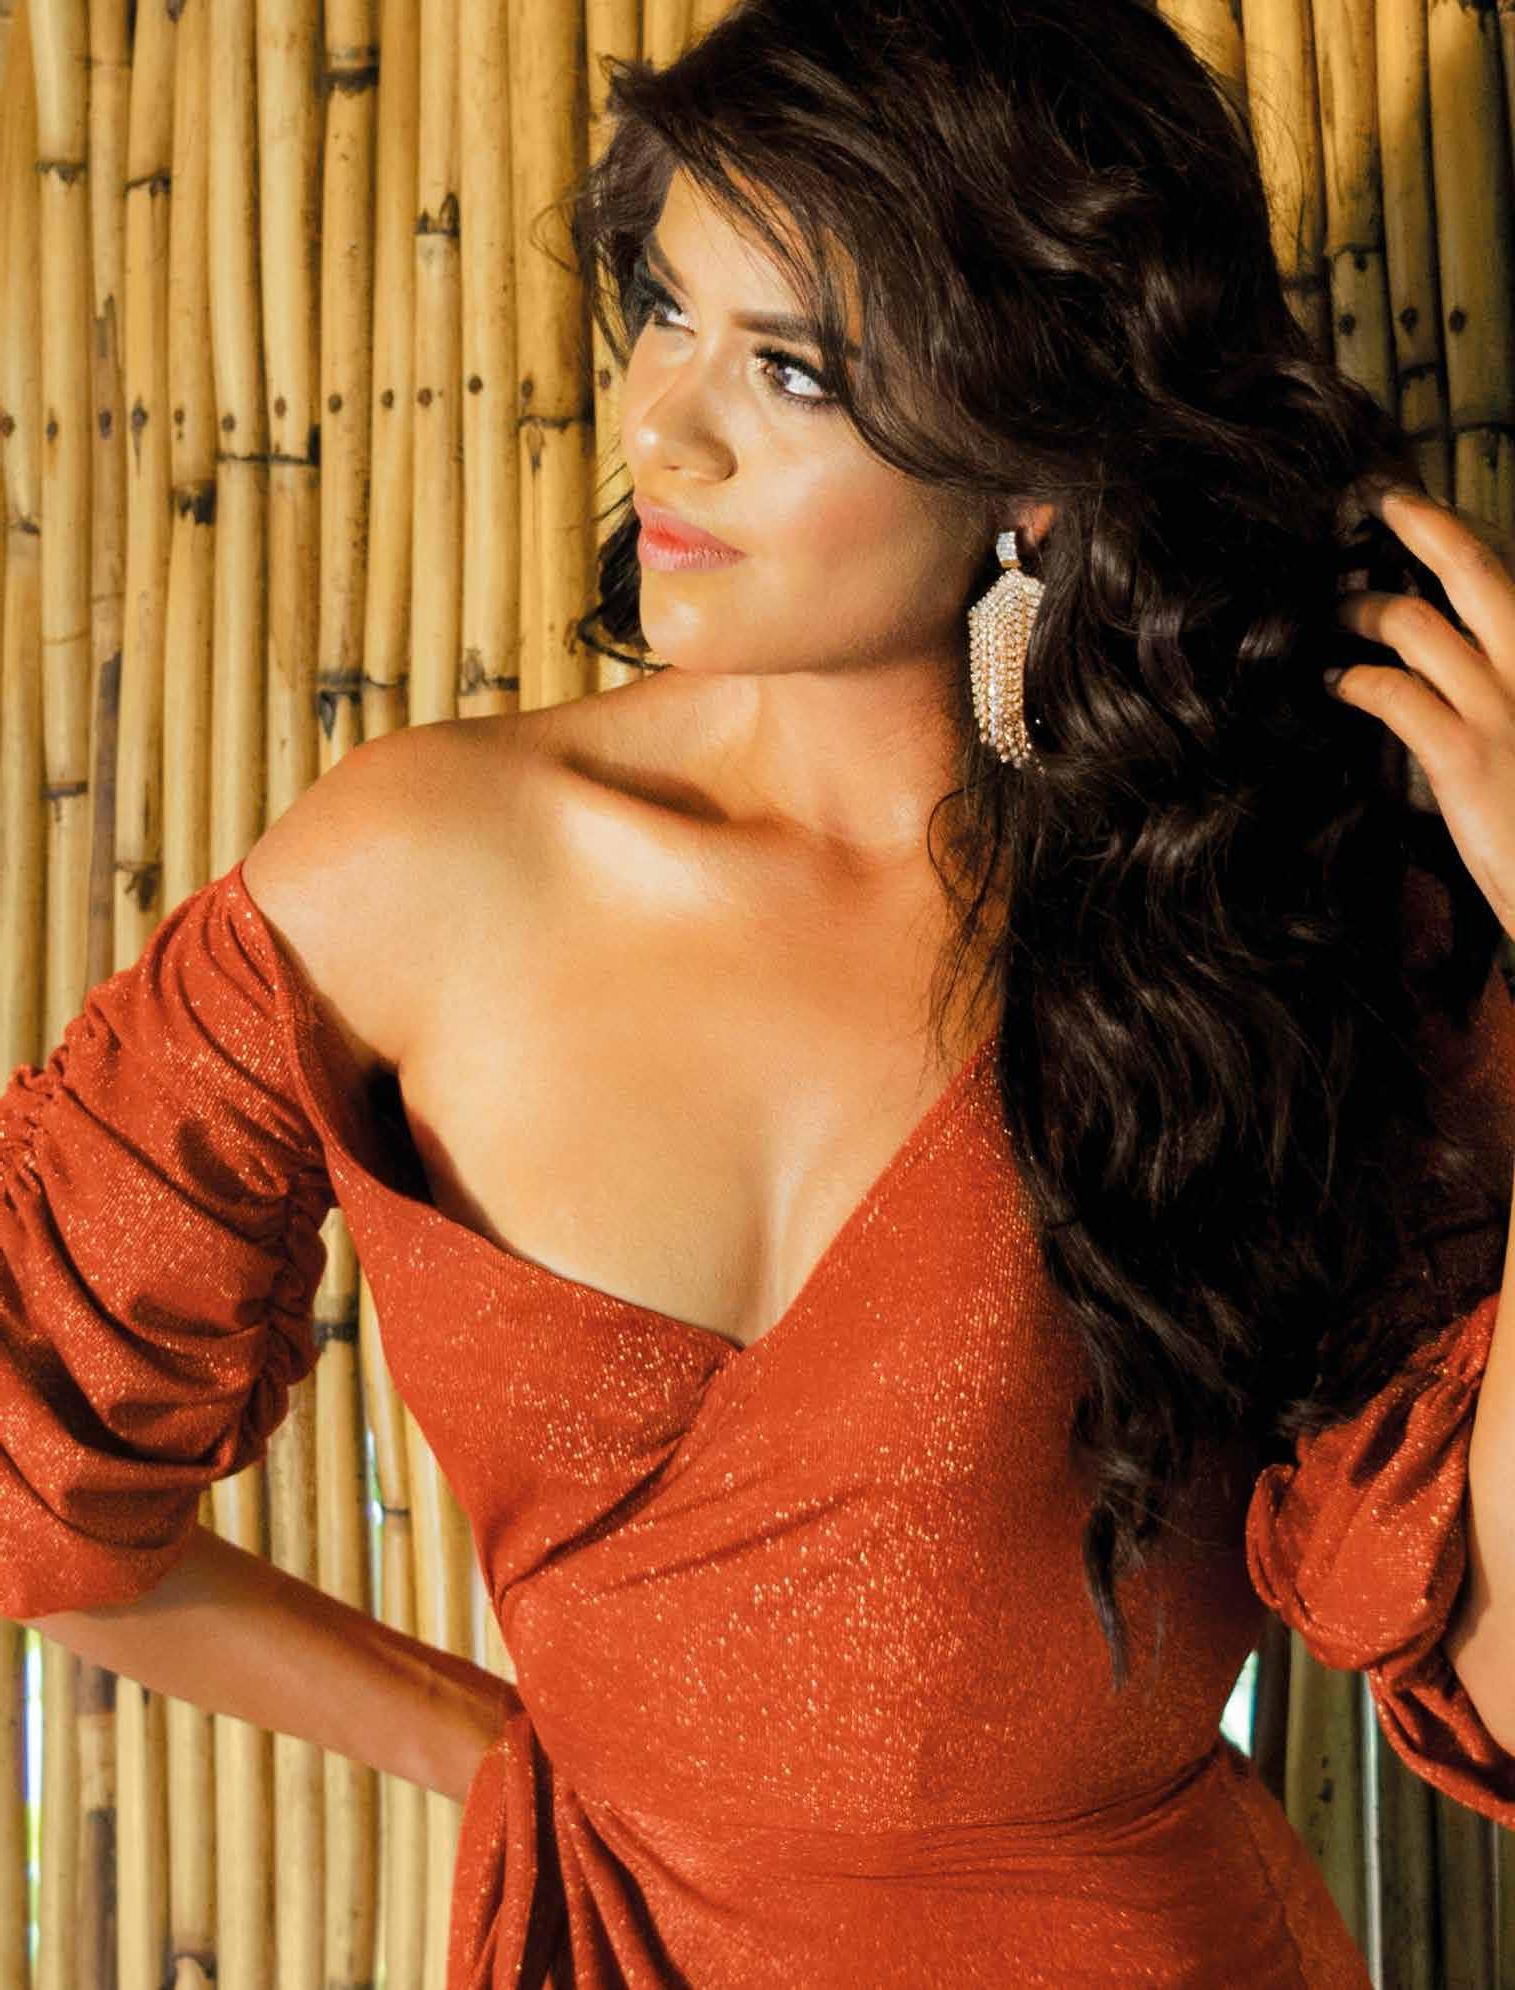 Page 20 of Gente Miss Estado de México 2019 Perla Franco, ¡Sin miedo aléxito